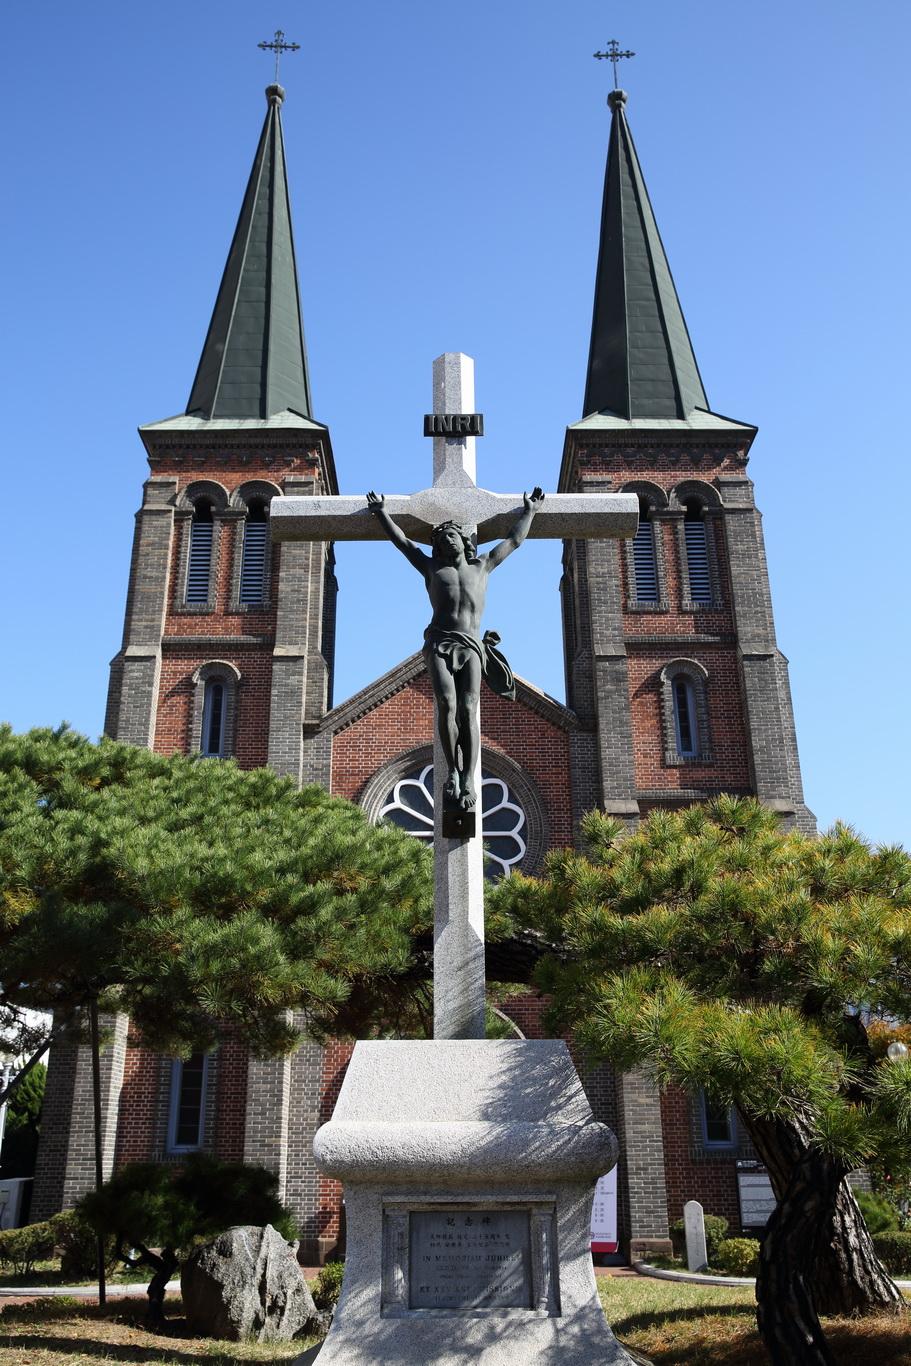 2019-11-09 성모당, 계산성당, 베네딕도 수도원 (46)_크기변경.JPG